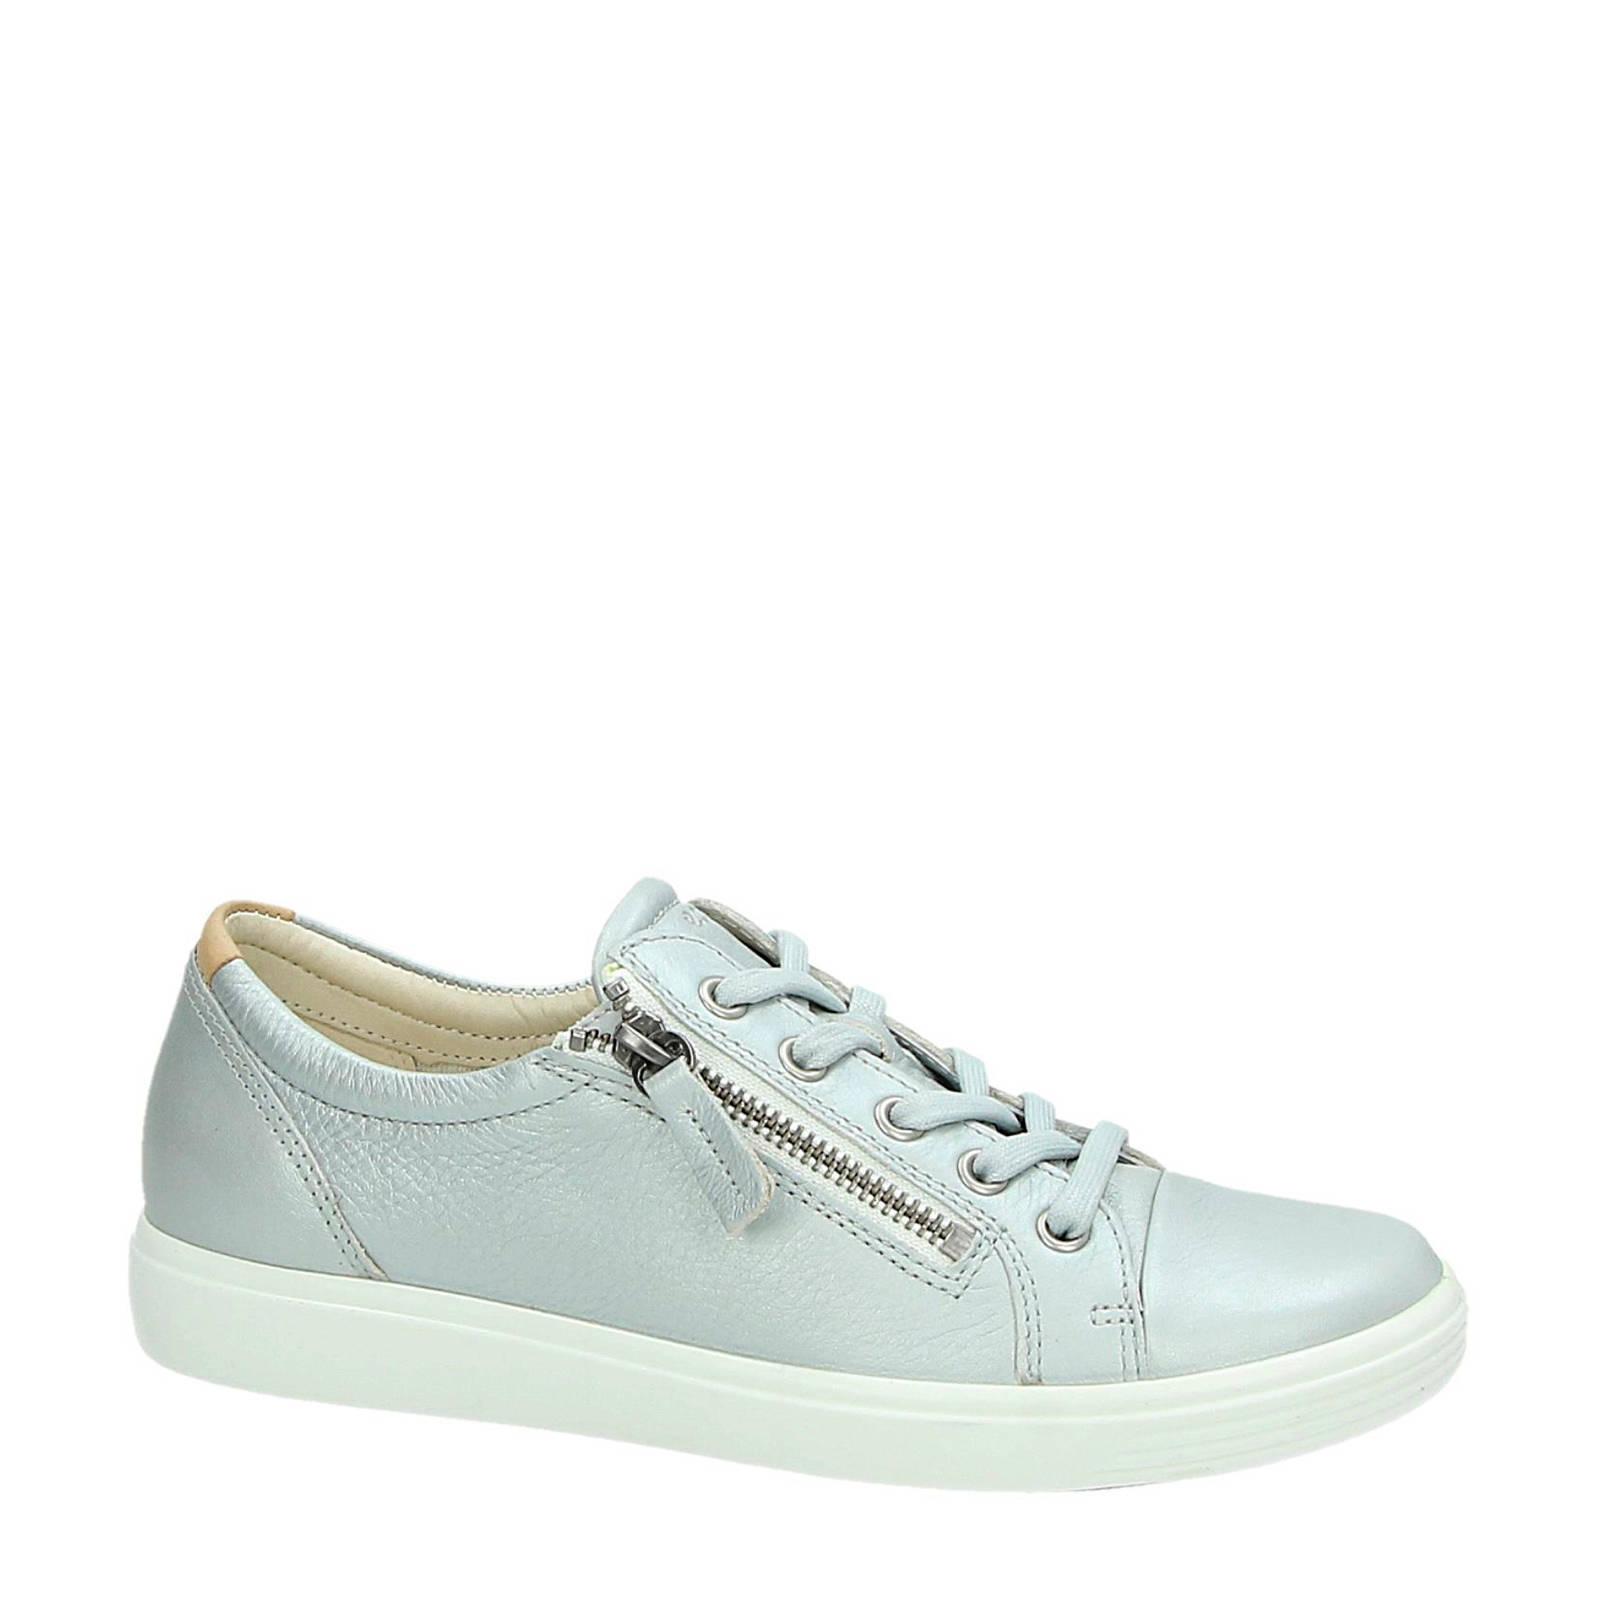 Ecco Soft 7 leren sneakers zilver   wehkamp